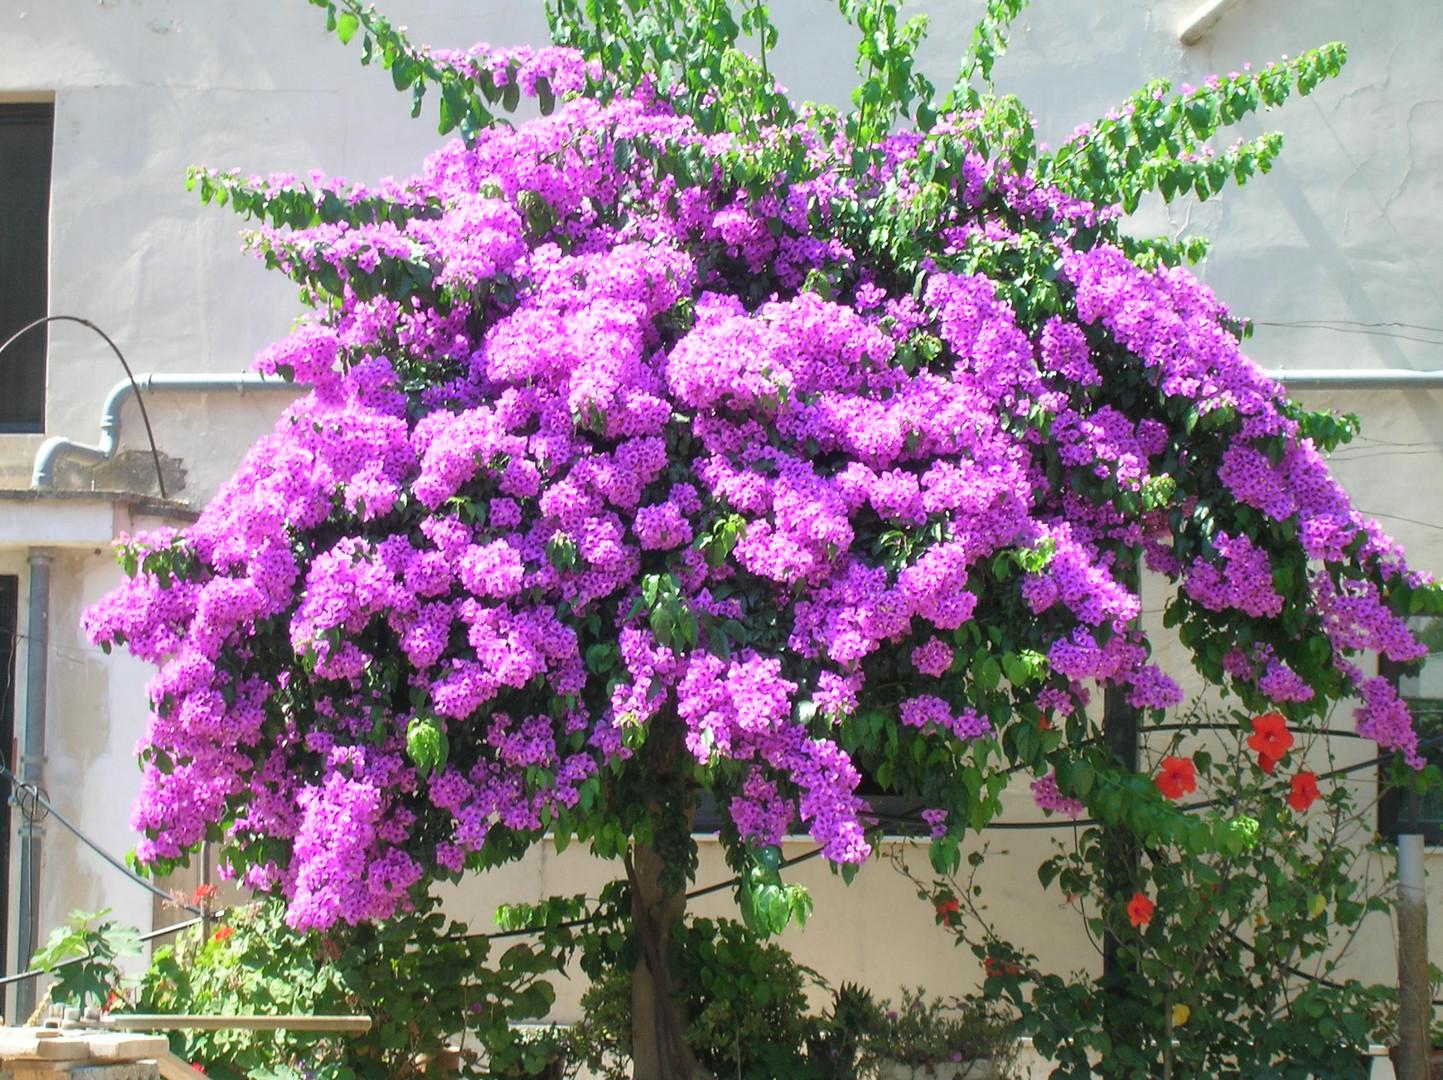 Pianta fiori viola fiori idea immagine for Pianta fiori viola